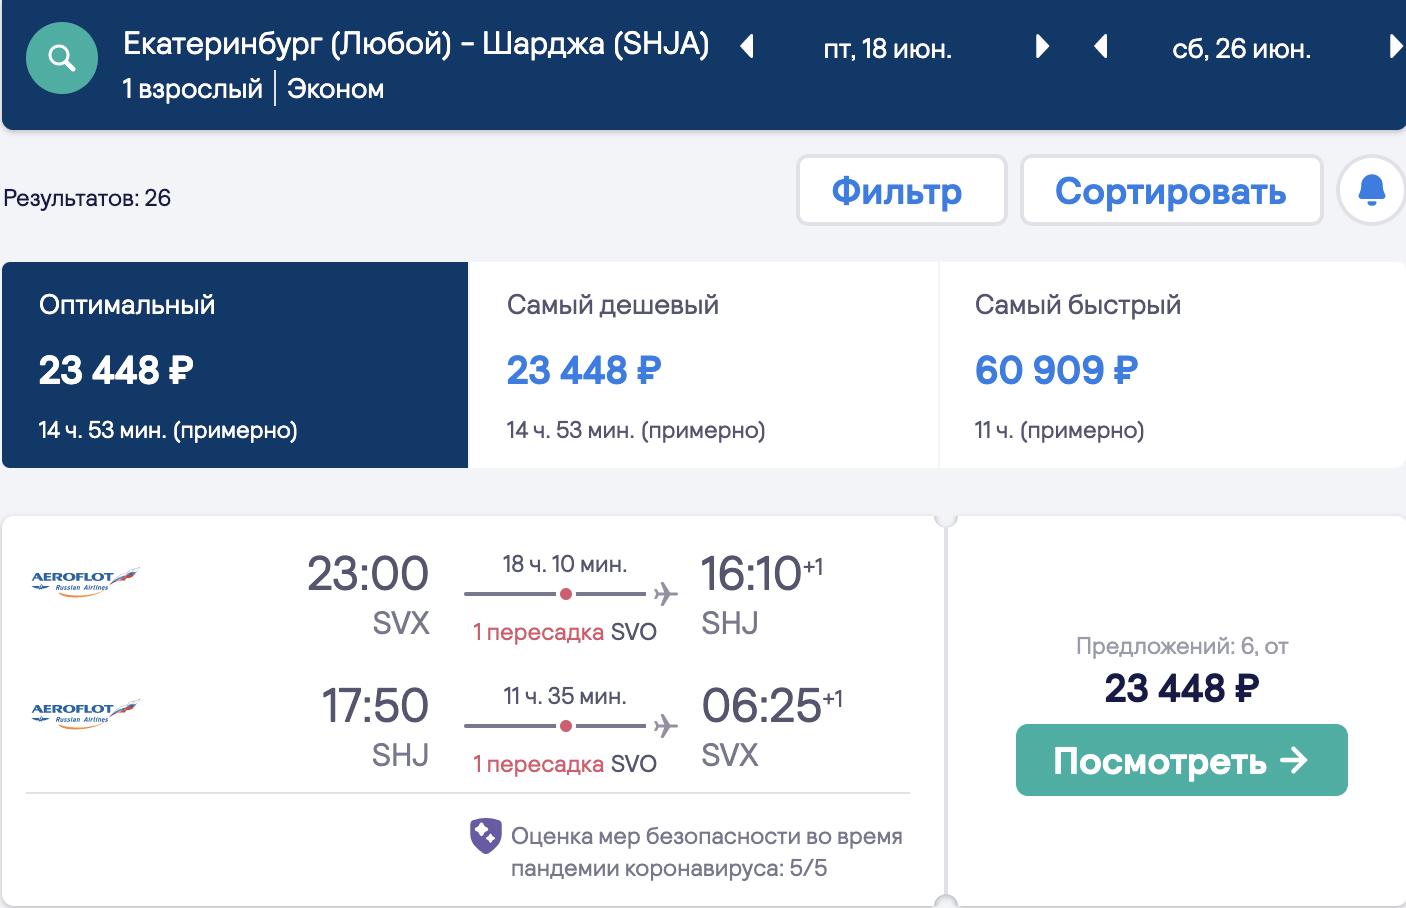 Летим Аэрофлотом из Екатеринбурга в ОАЭ за 23400₽ туда-обратно (летом)